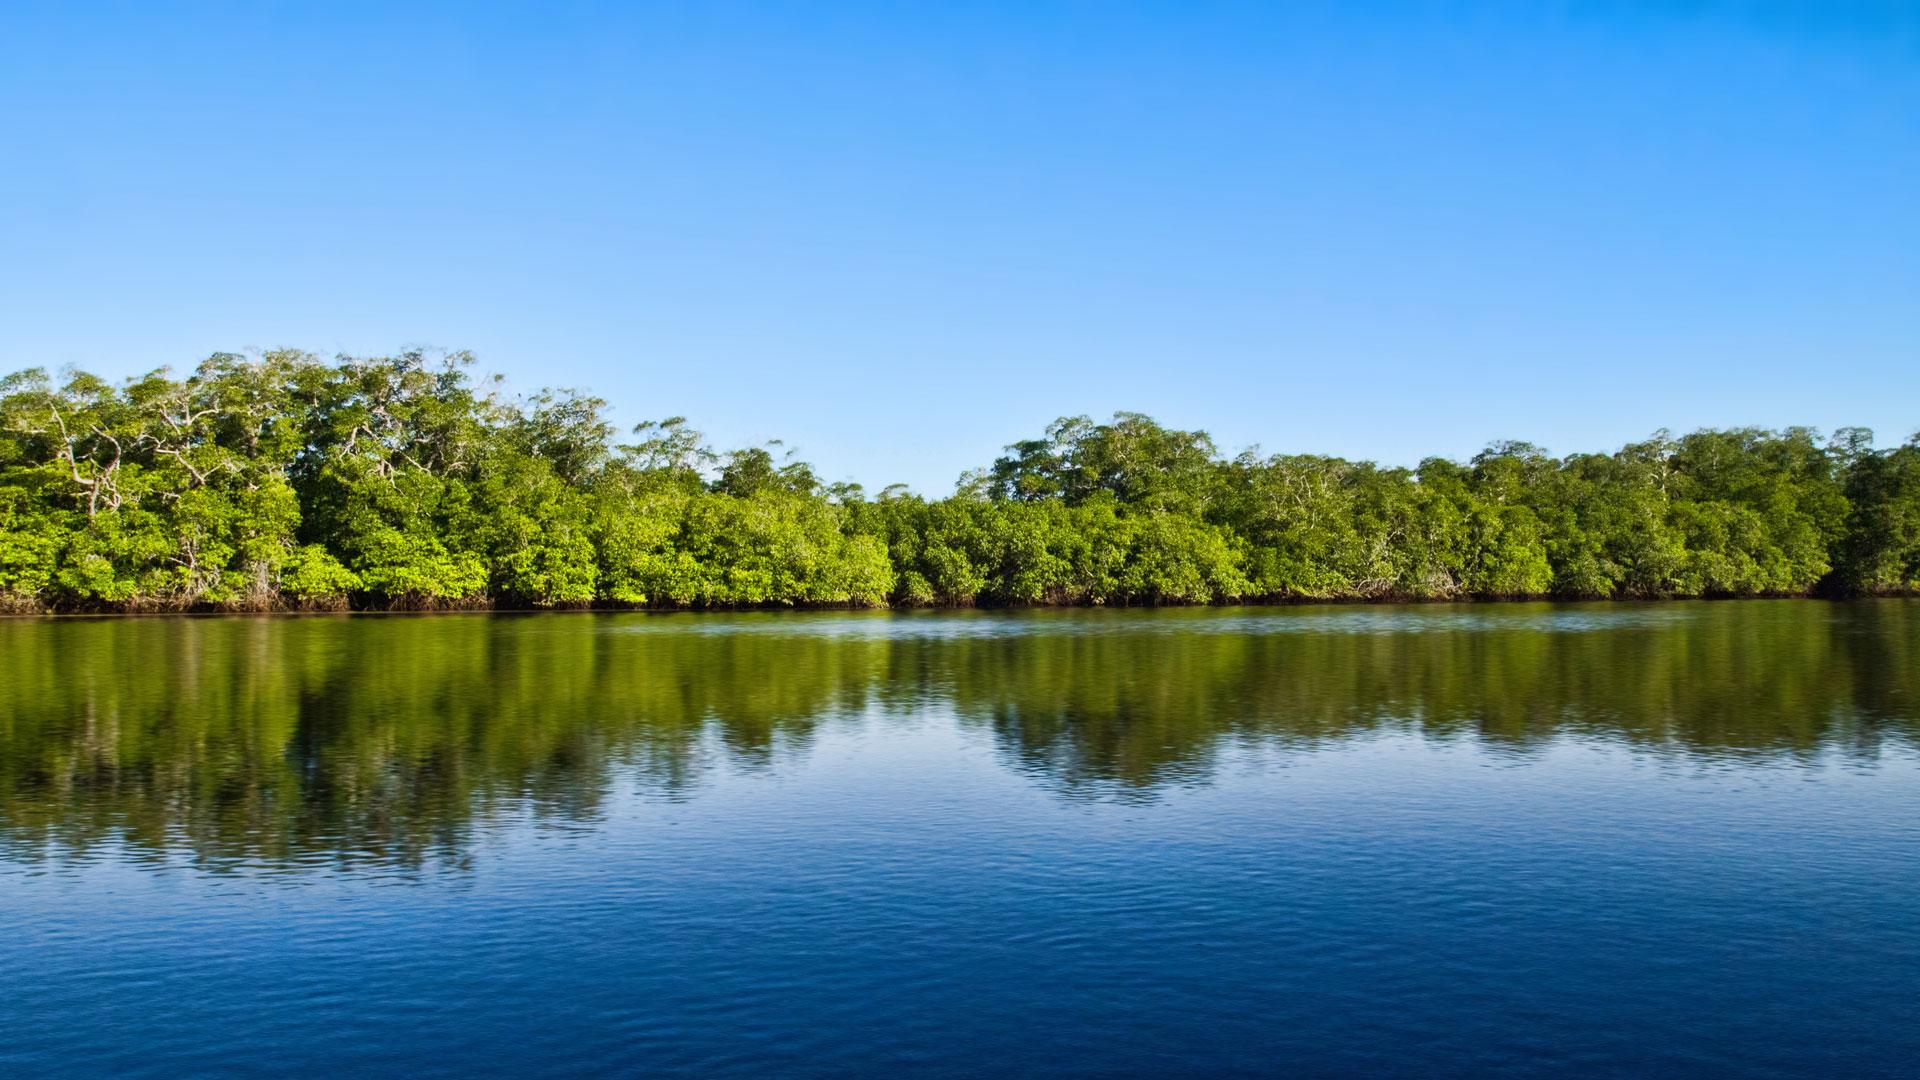 Landscape Costa Rica Wallpaper Hd Desktop Wallpapers 4k Hd